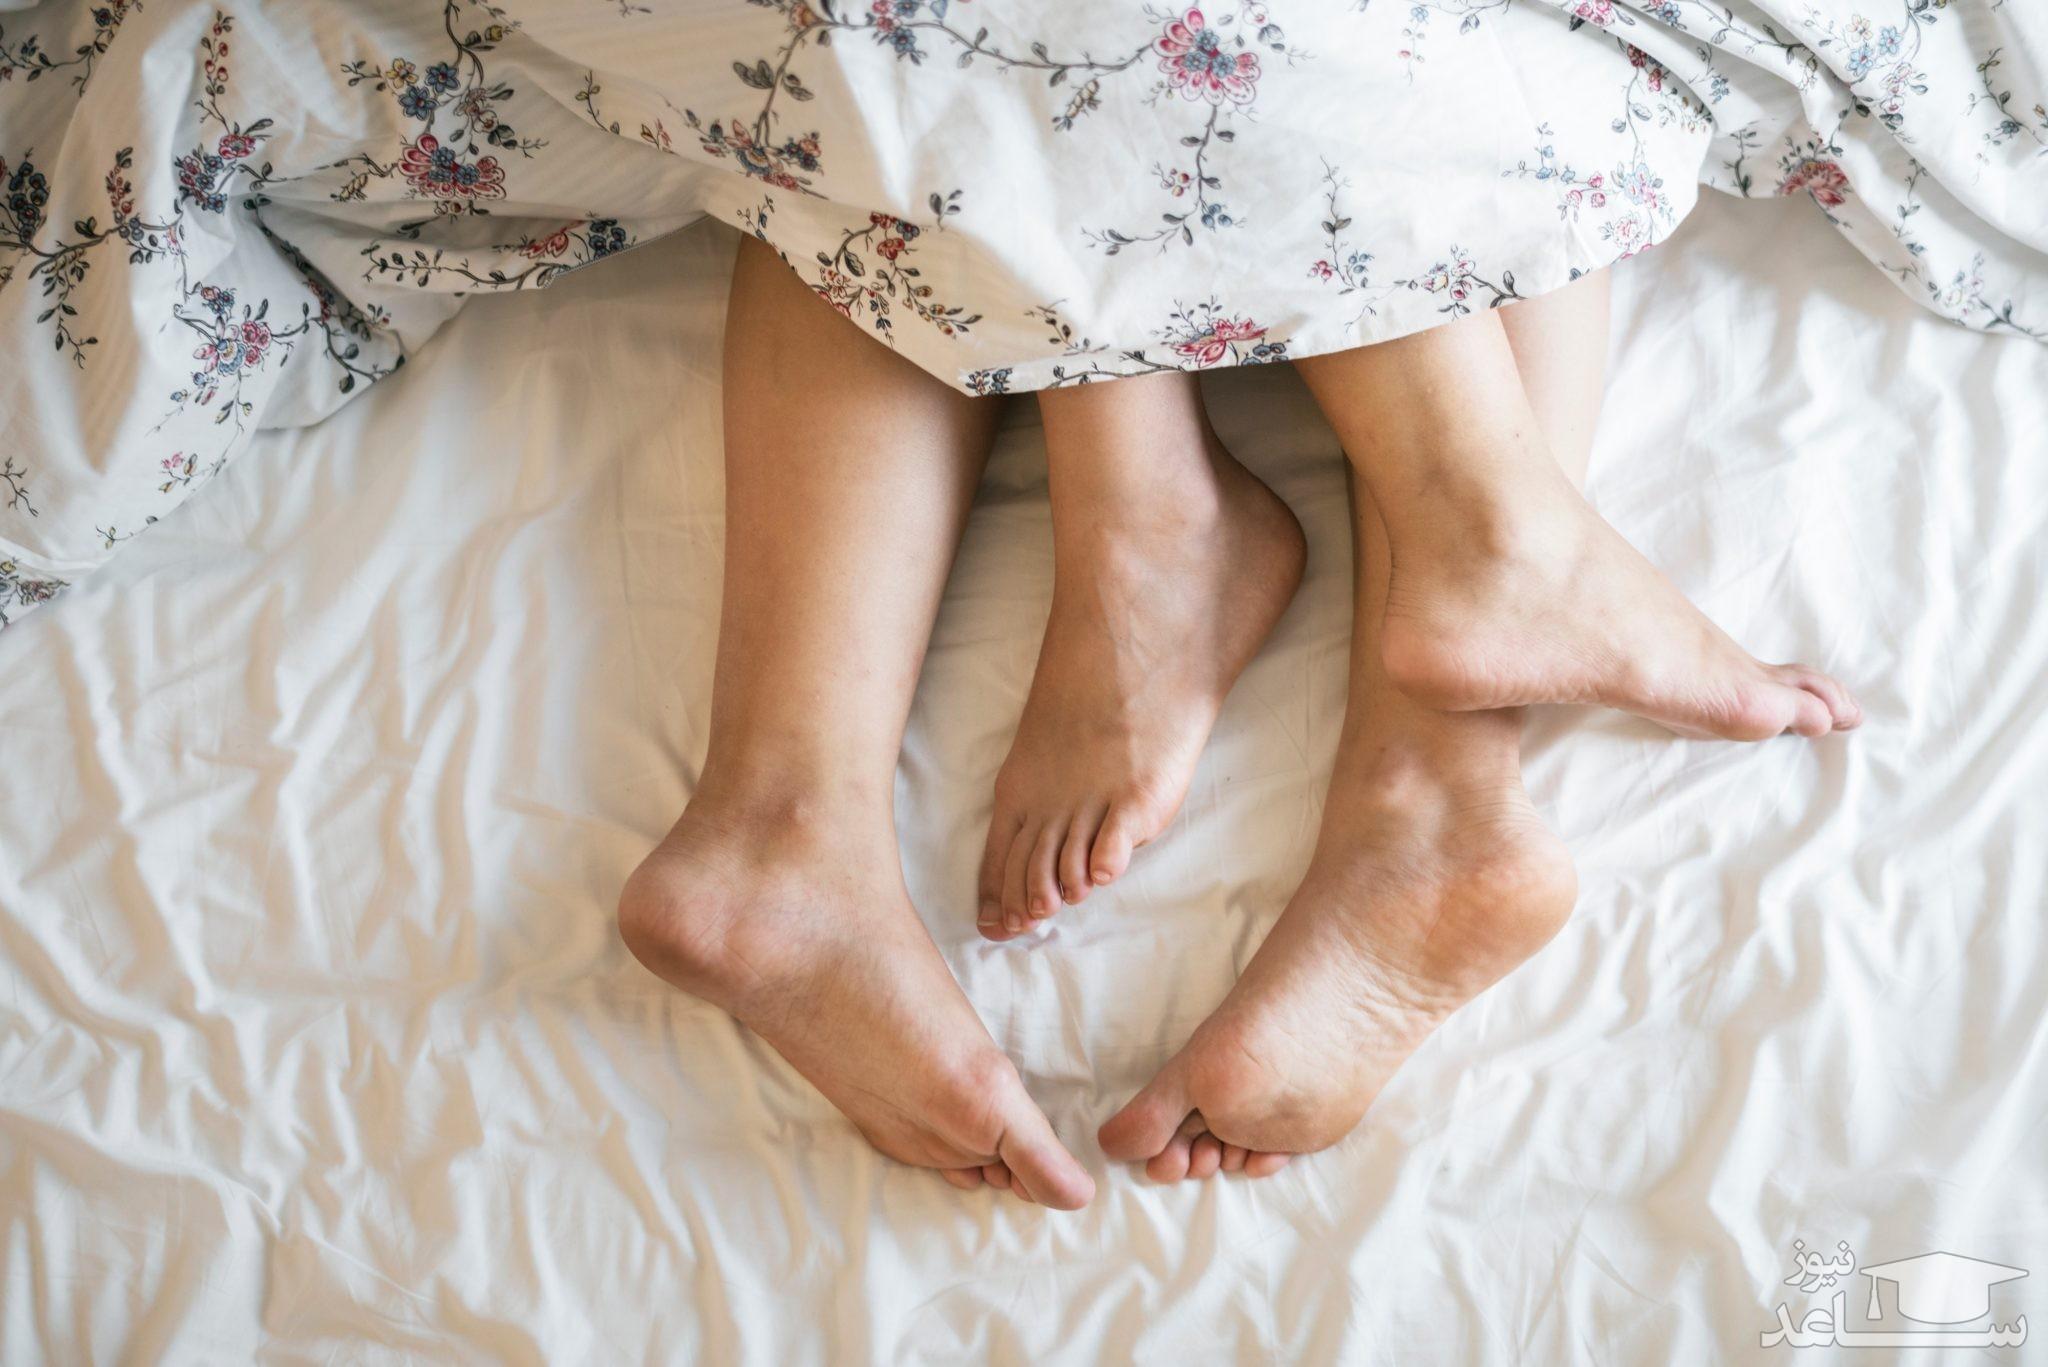 نشانه های ارضا شدن زنان در رابطه جنسی